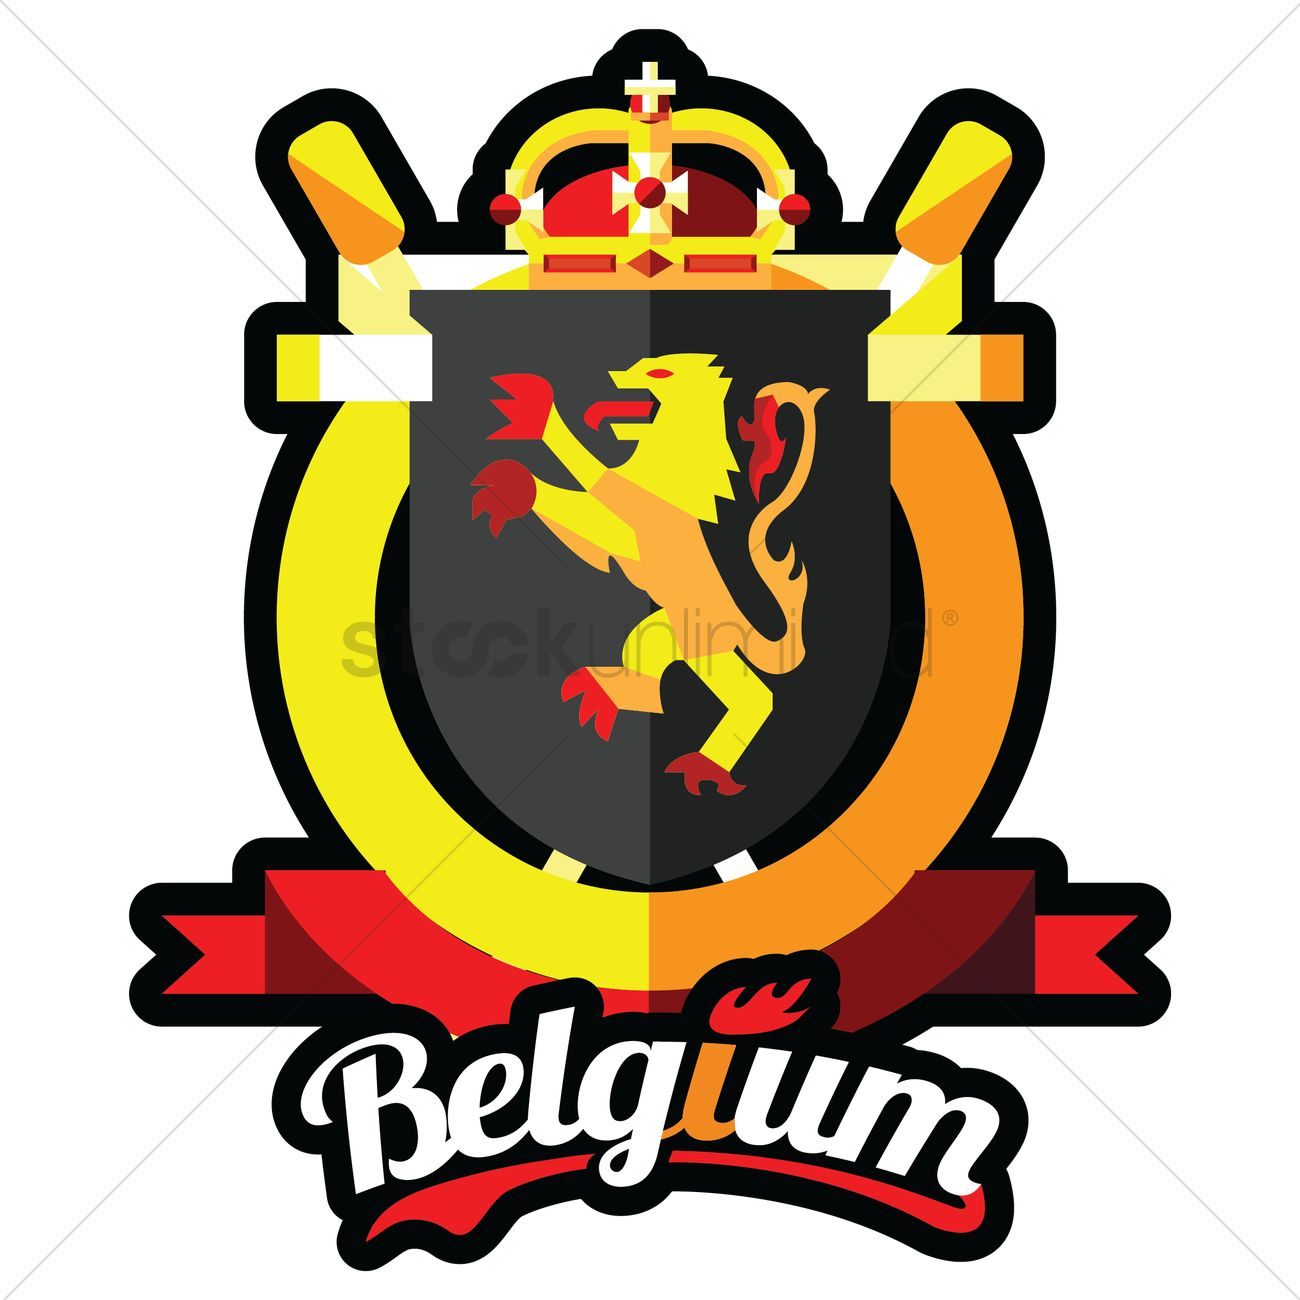 1300x1300 Belgium Coat Of Arms Vector Image